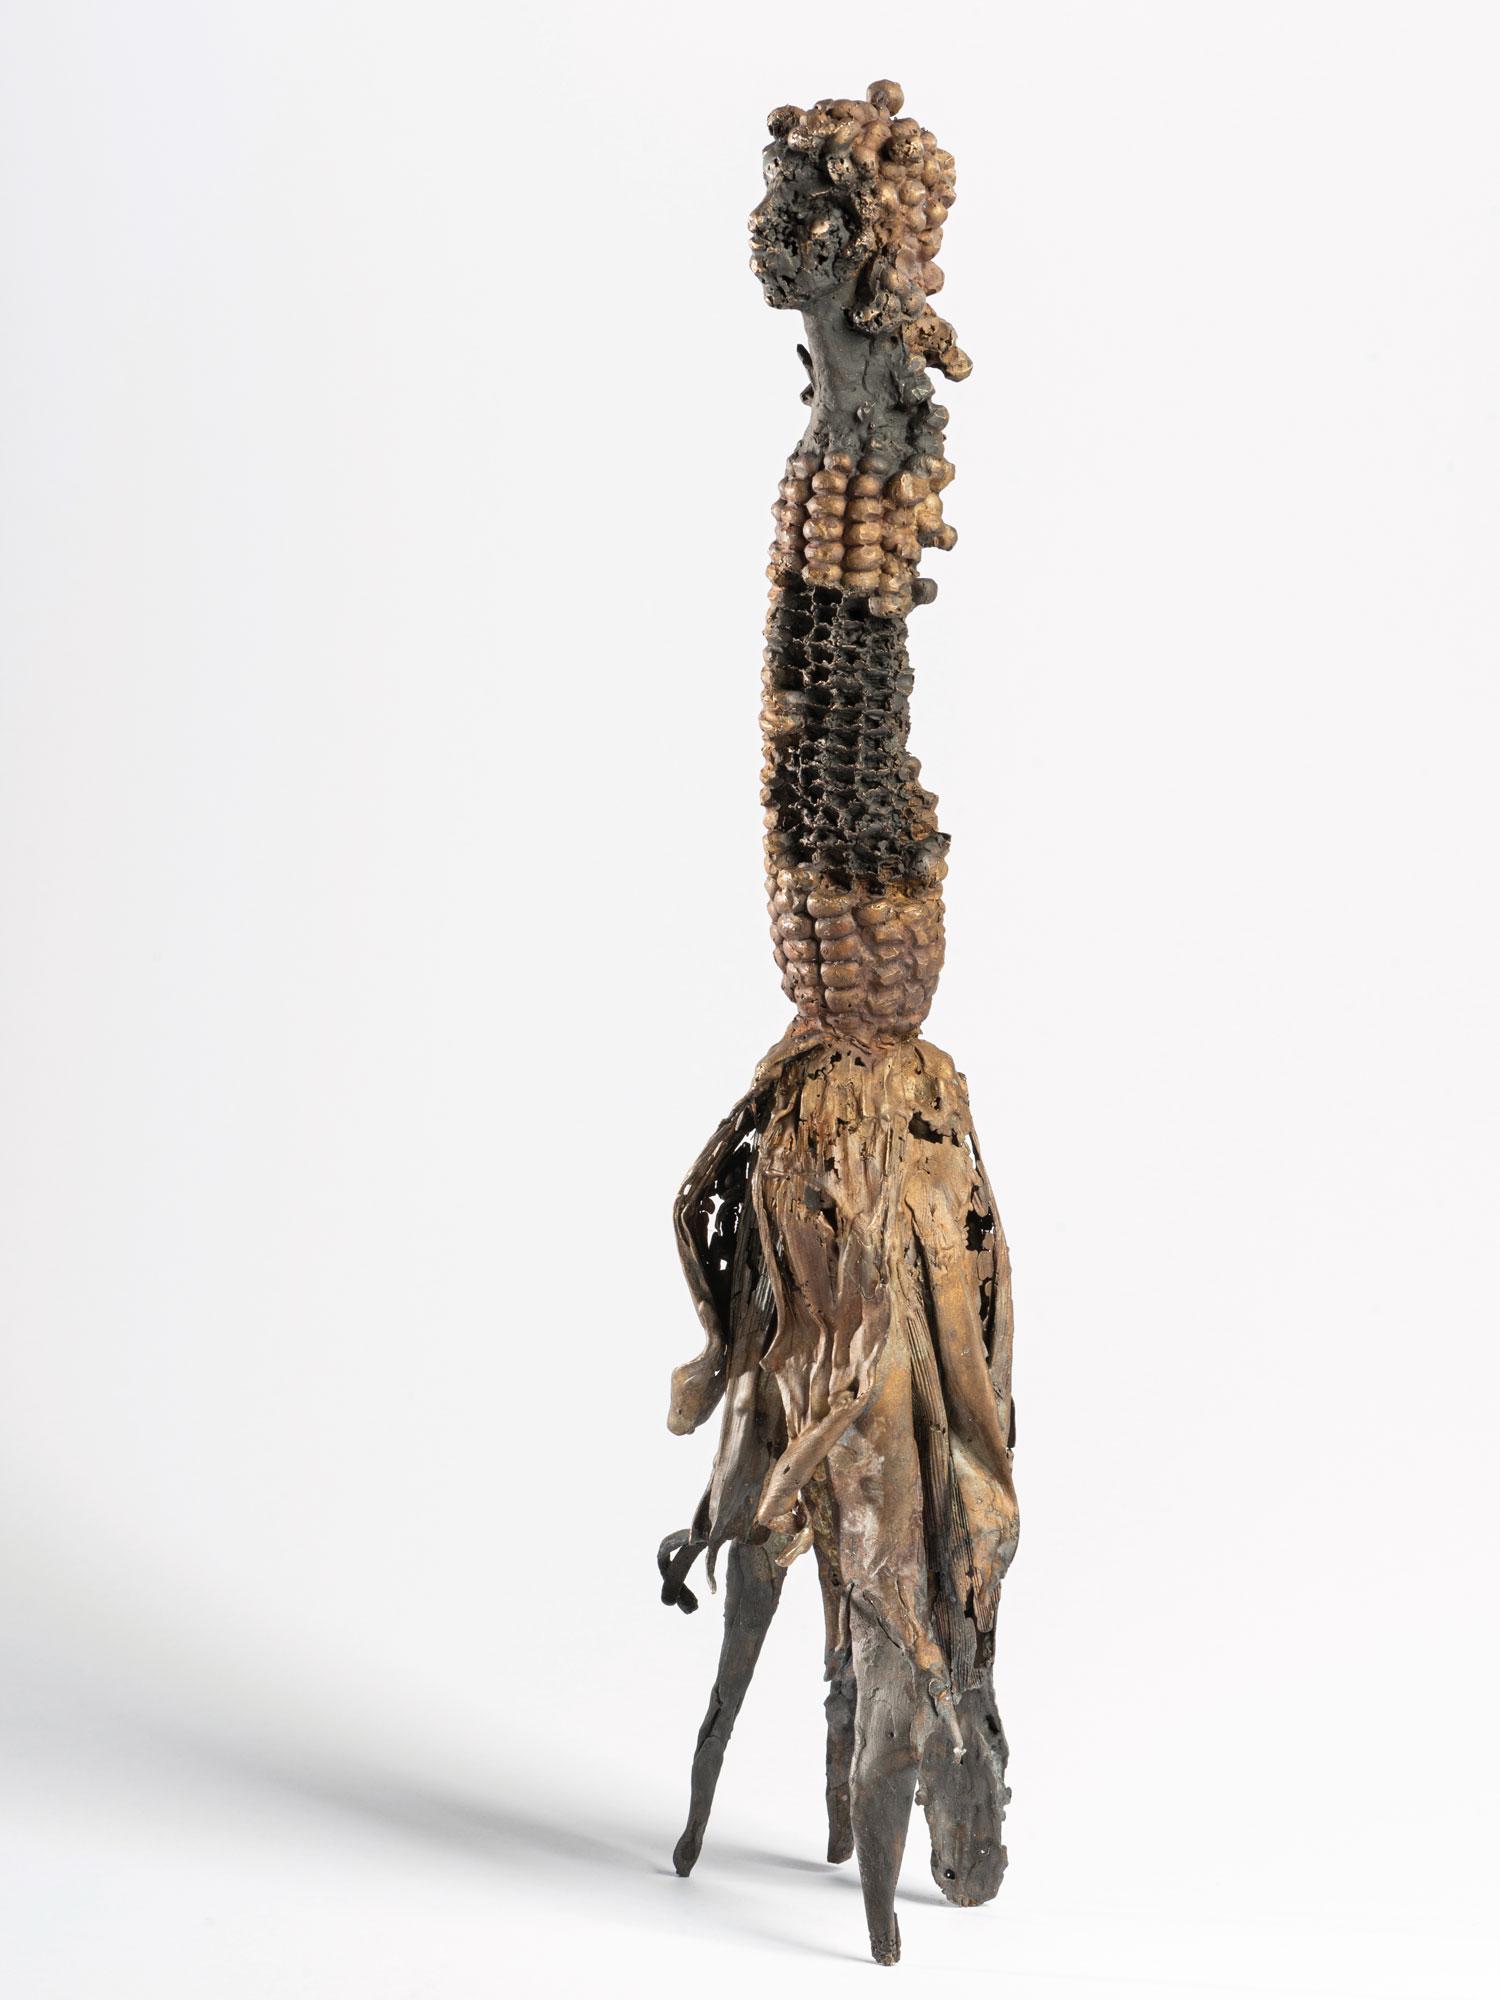 https://www.amiromerovic.de/wp-content/uploads/2021/01/Skulptur-oT-S47.jpg